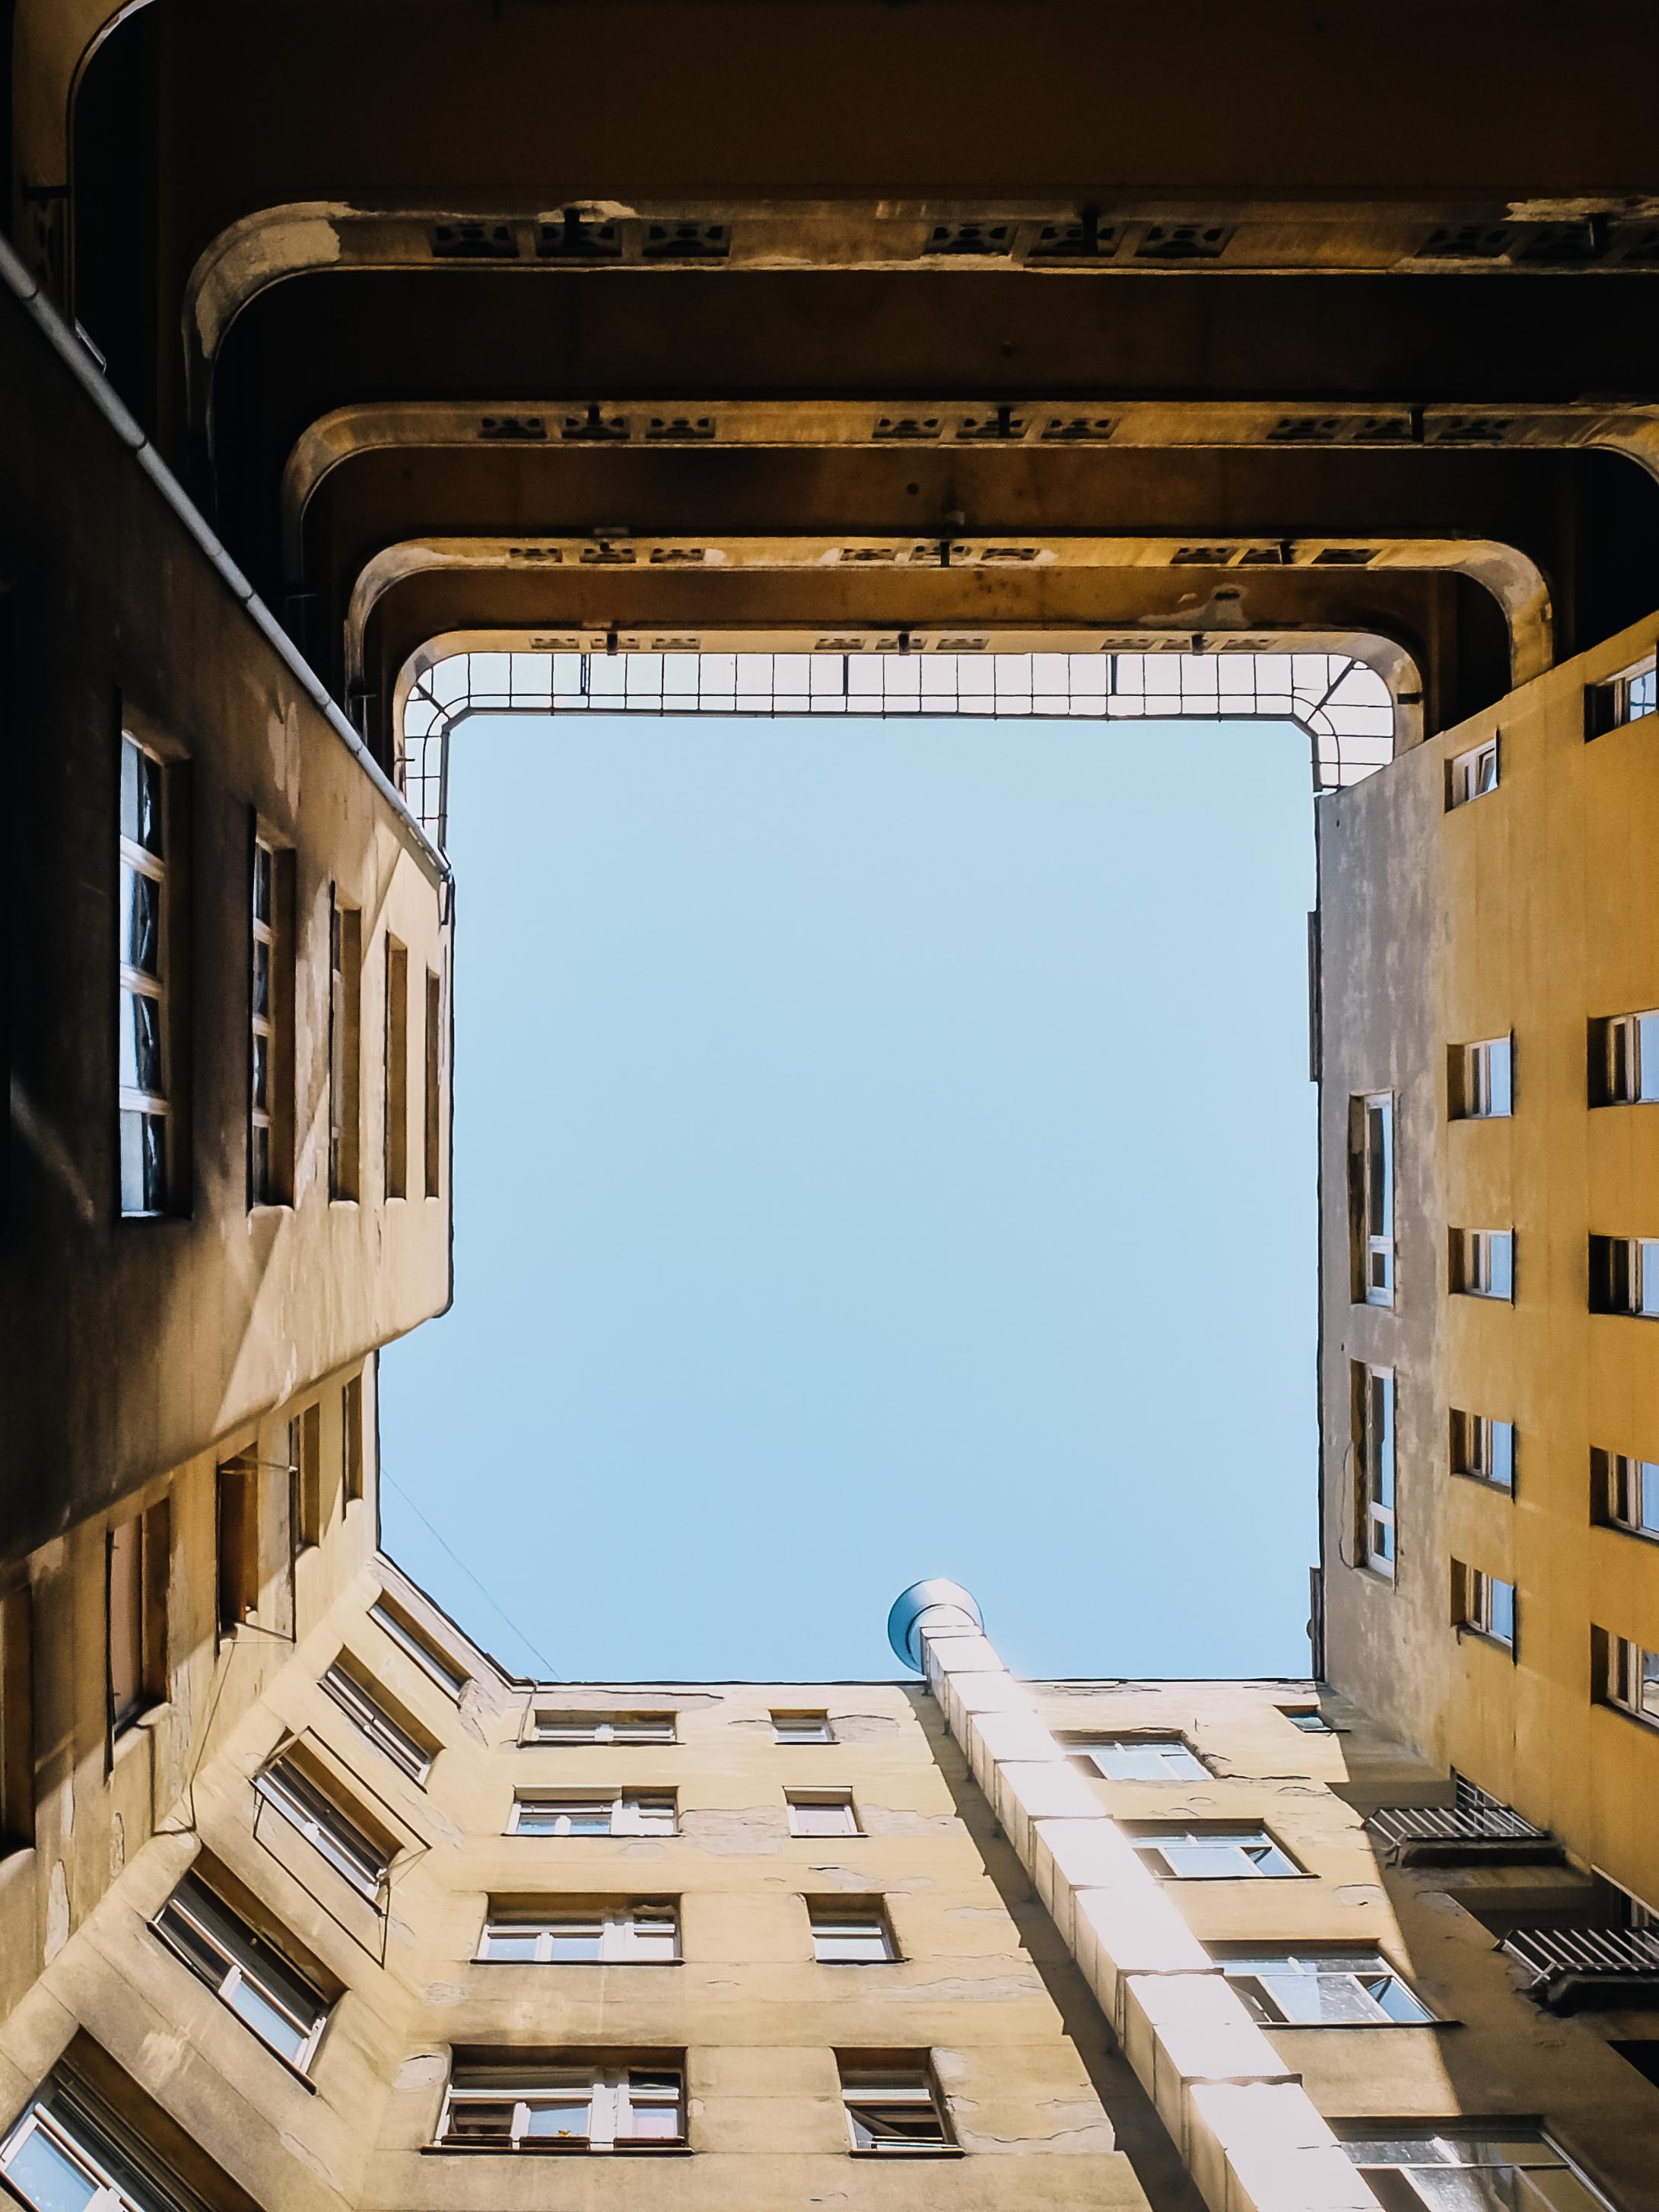 Κοιτάζοντας ψηλά σε μια εσωτερική αυλή